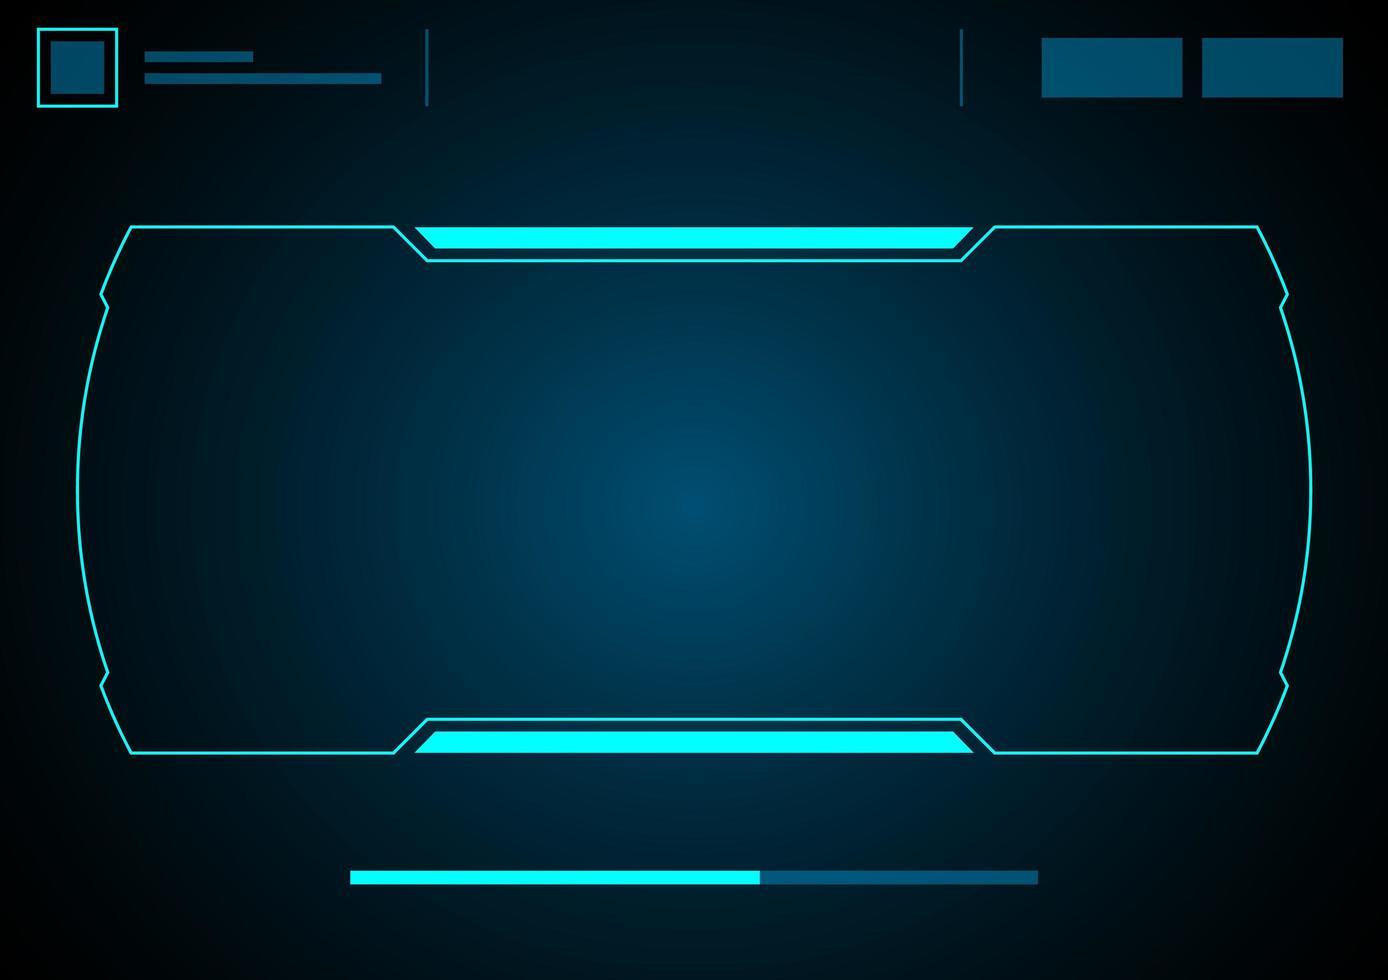 interfaccia futura del pannello di controllo del gioco hud vettore